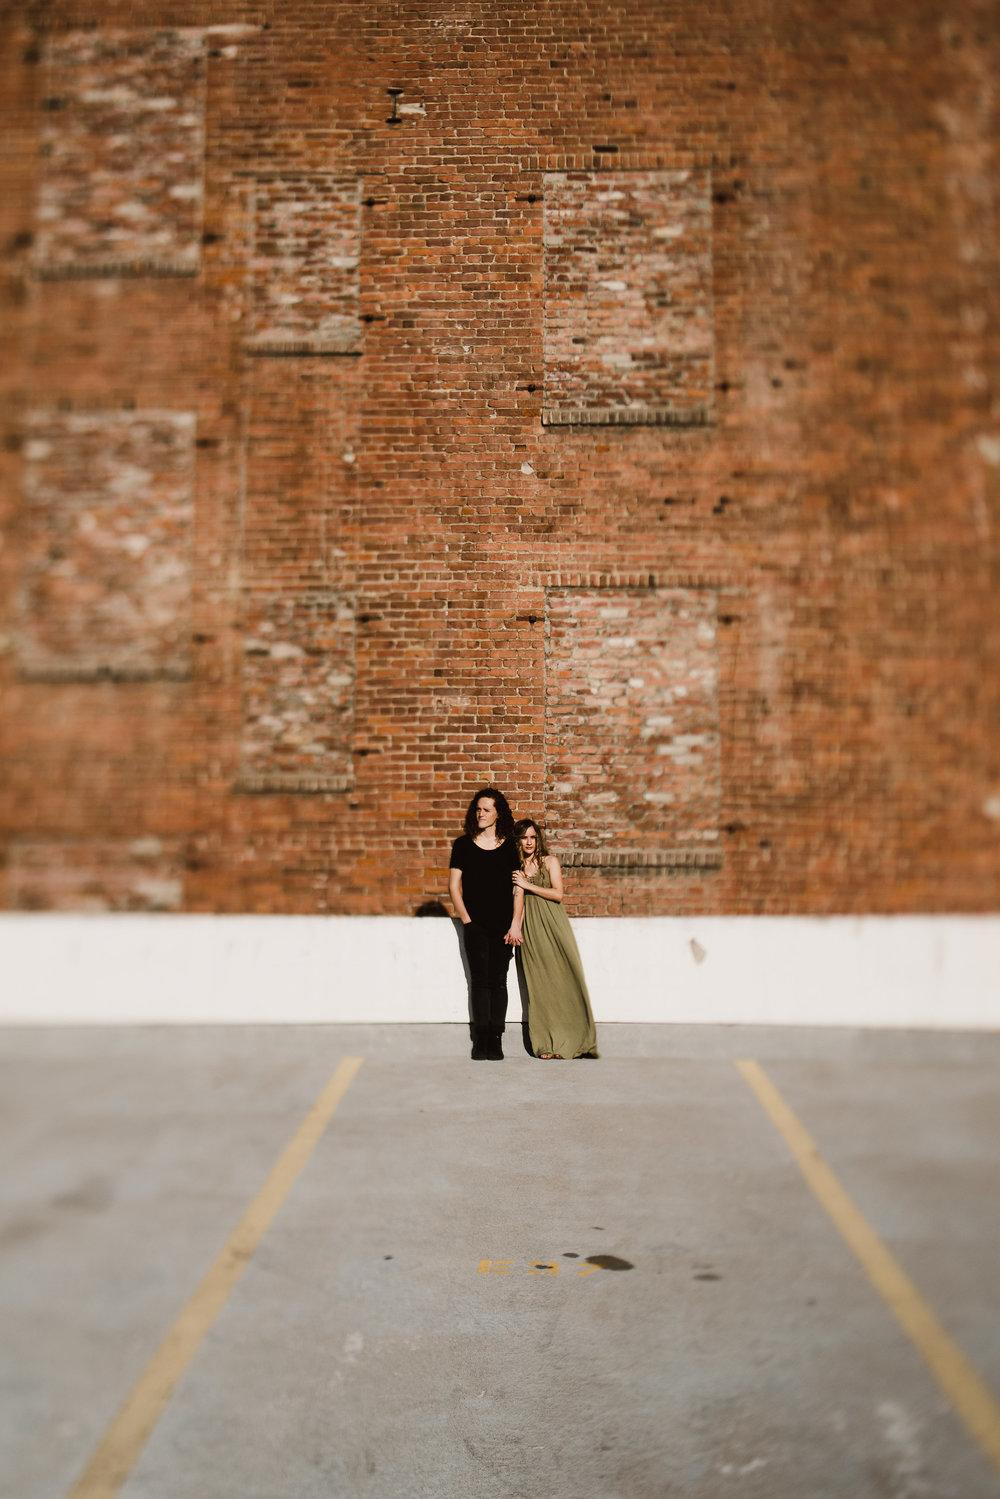 Isaiah-&-Taylor-Photography---Josiah-&-Andi-Engagement-124.jpg